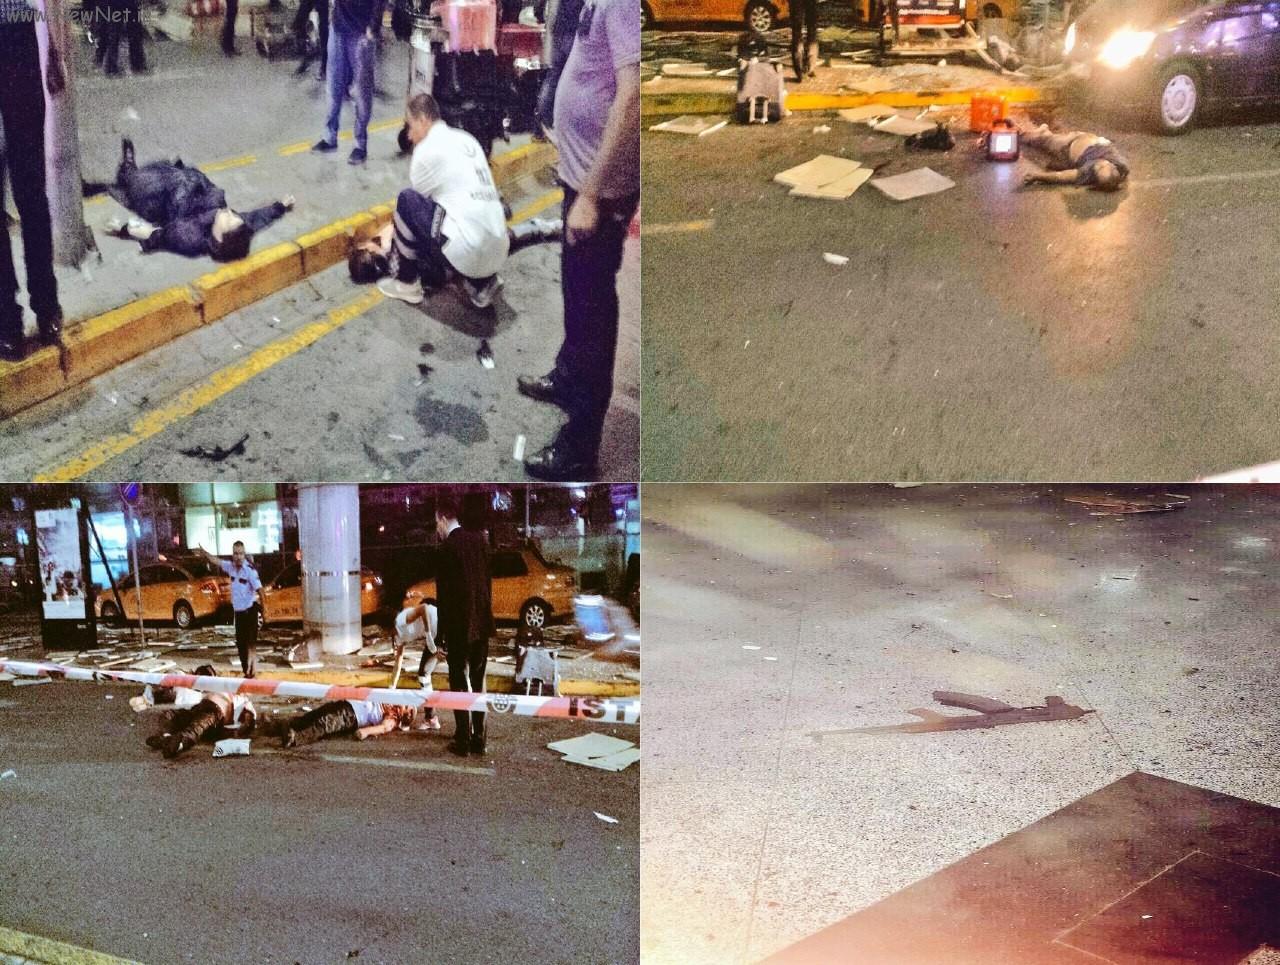 انفجار فرودگاه آتاتورک استانبول به همراه فیلم لحظه انفجار